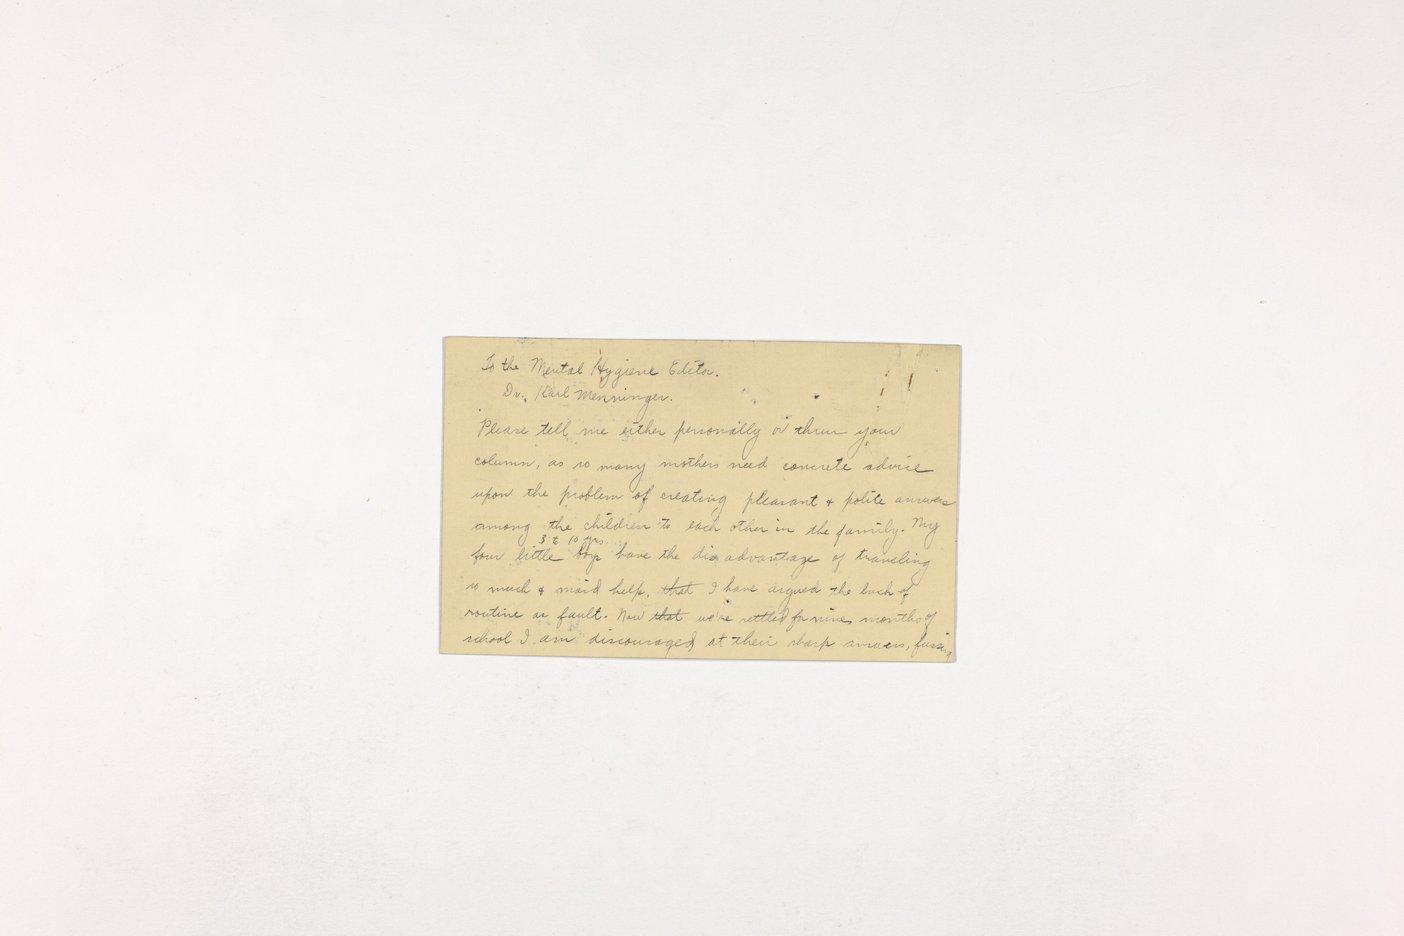 Dr. Karl Menninger Ladies Home Journal Letters 1-20 - 11